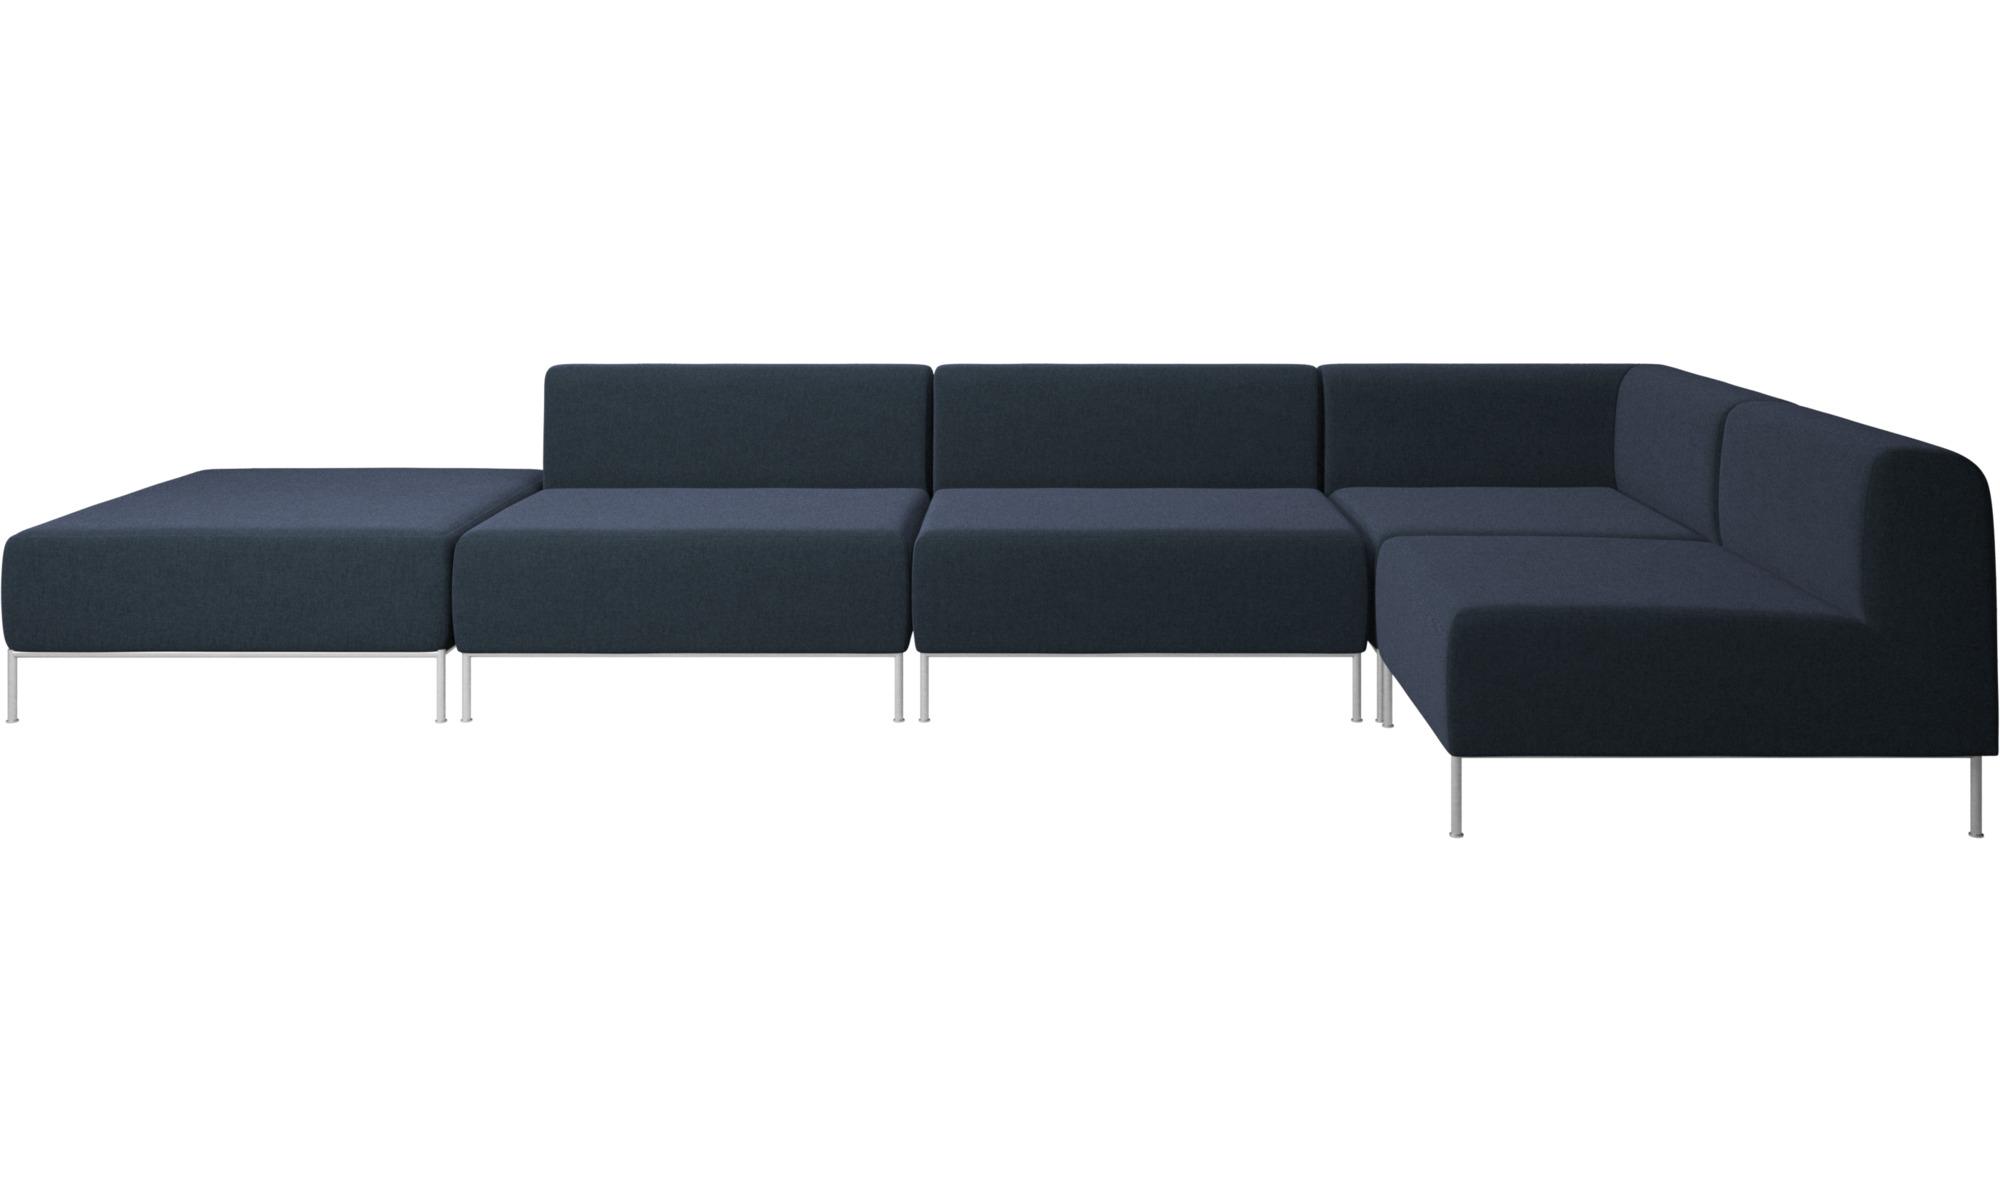 Modular Sofas Miami Corner Sofa With